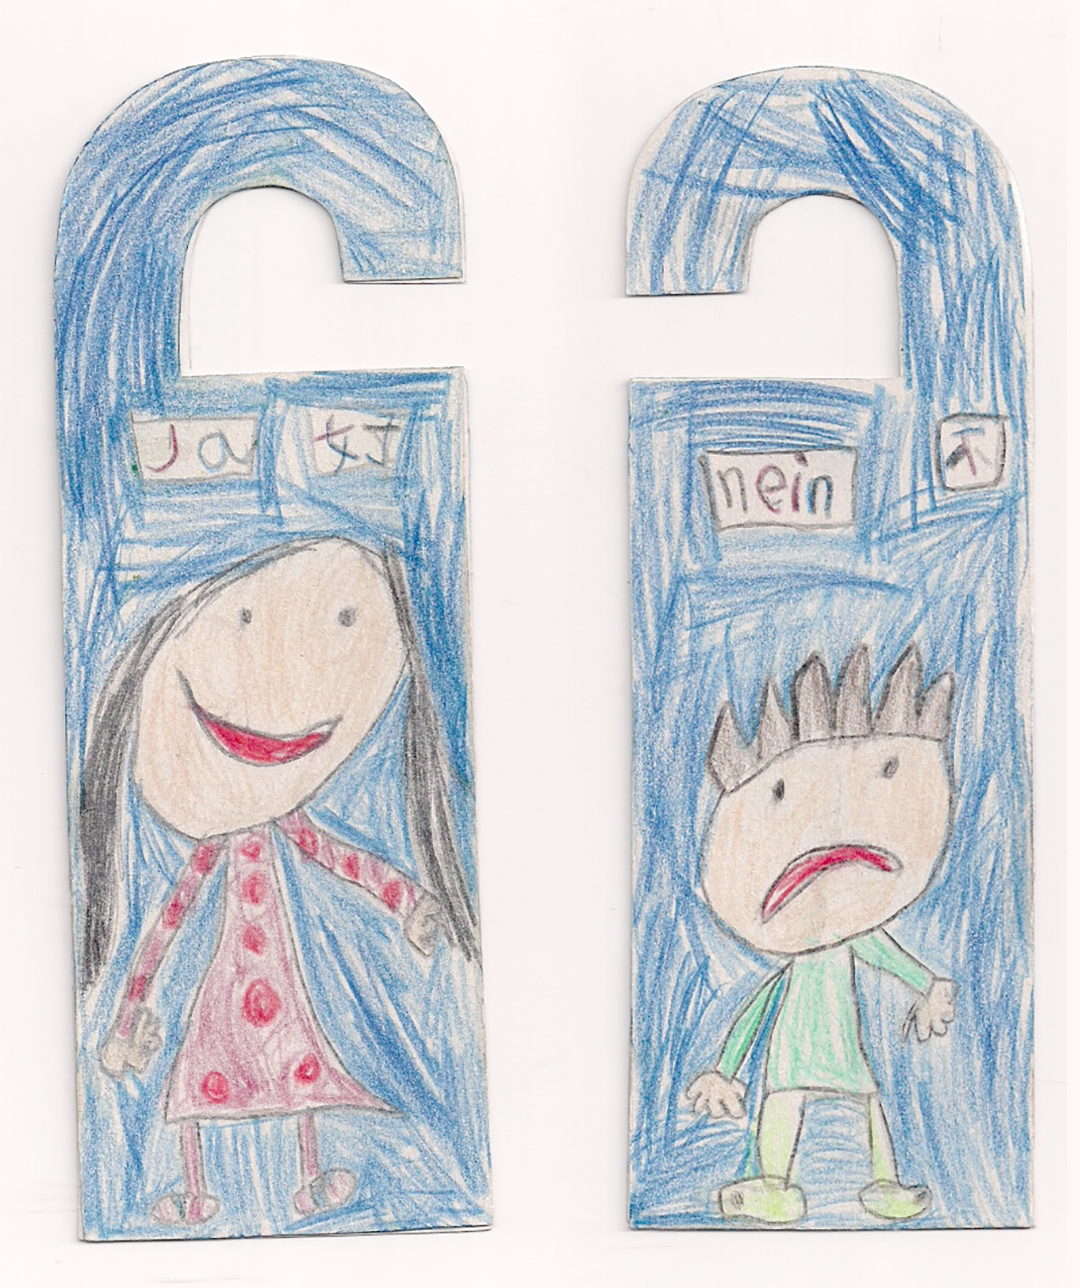 筆者女兒Ka製作的雙語門牌,女生代表「是」,男生代表「不」,體現了她對性別的理解。